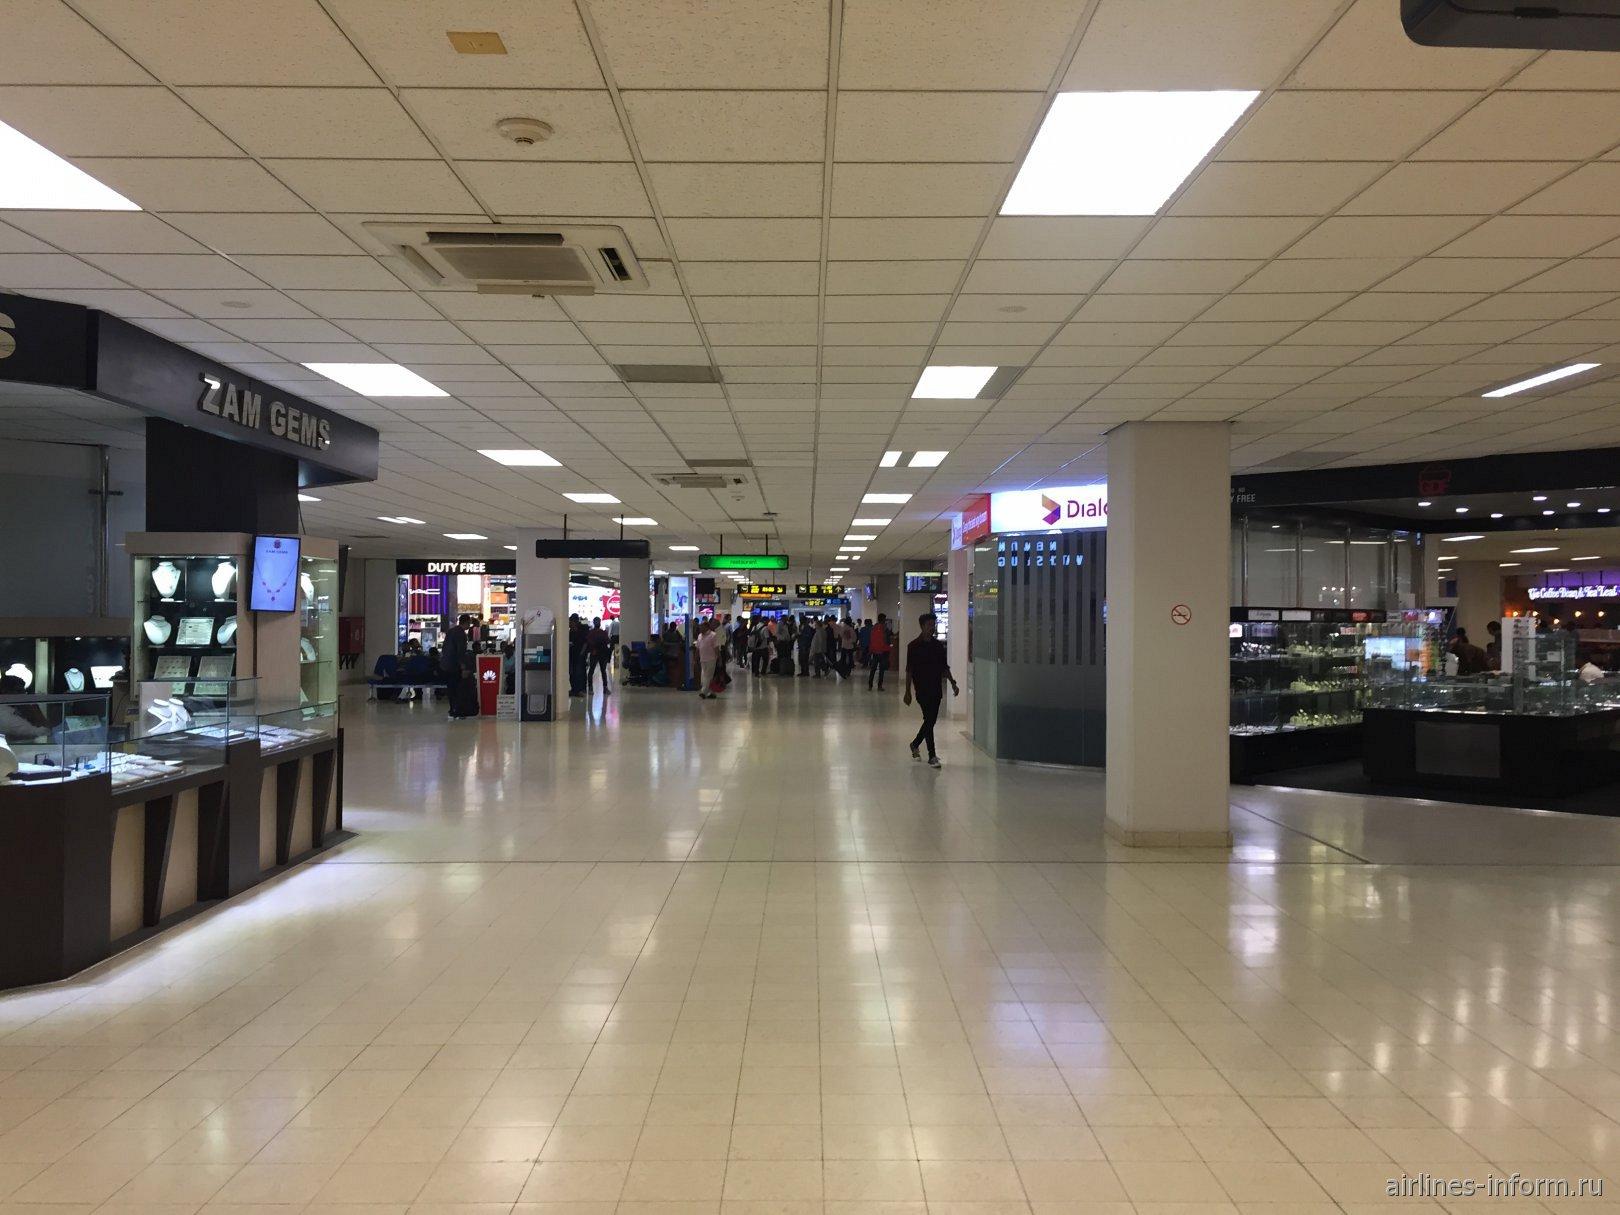 Магазины в чистой зоне аэропорта Коломбо Бандаранайке